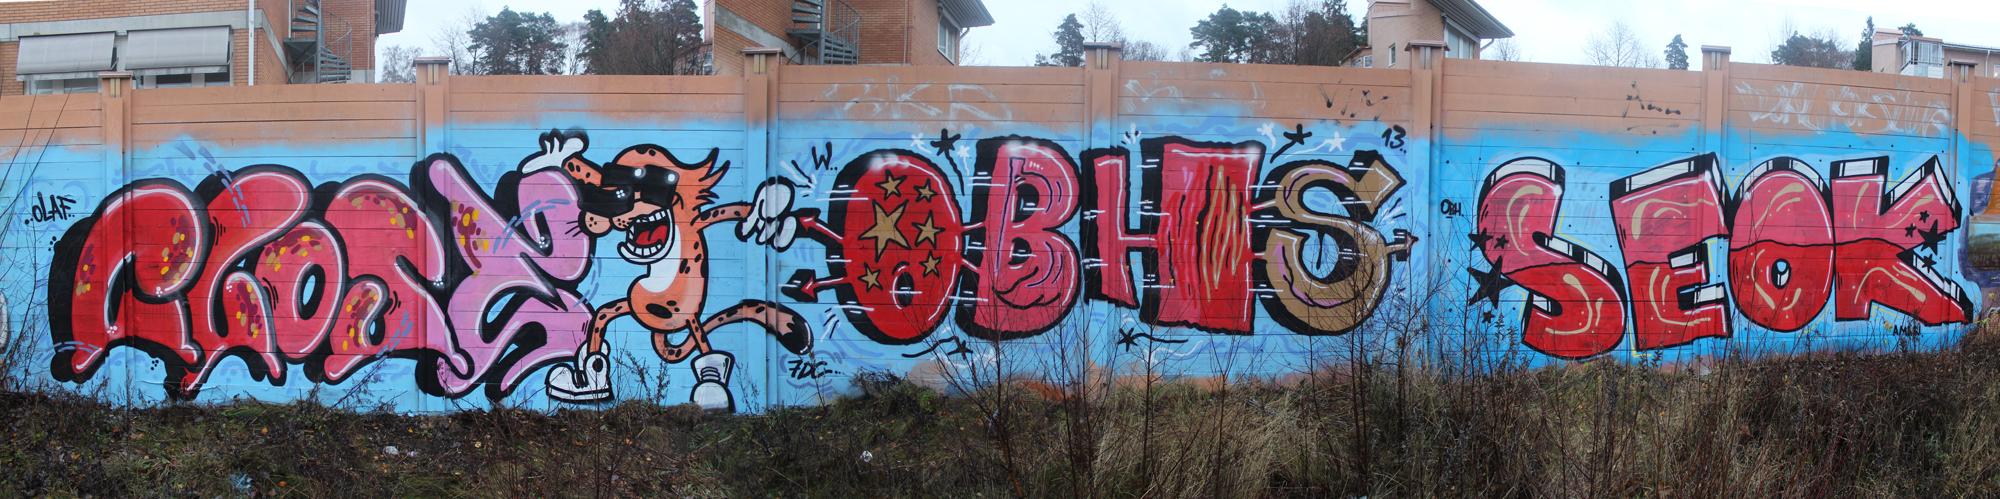 Close, Obhs, Seok - 2013